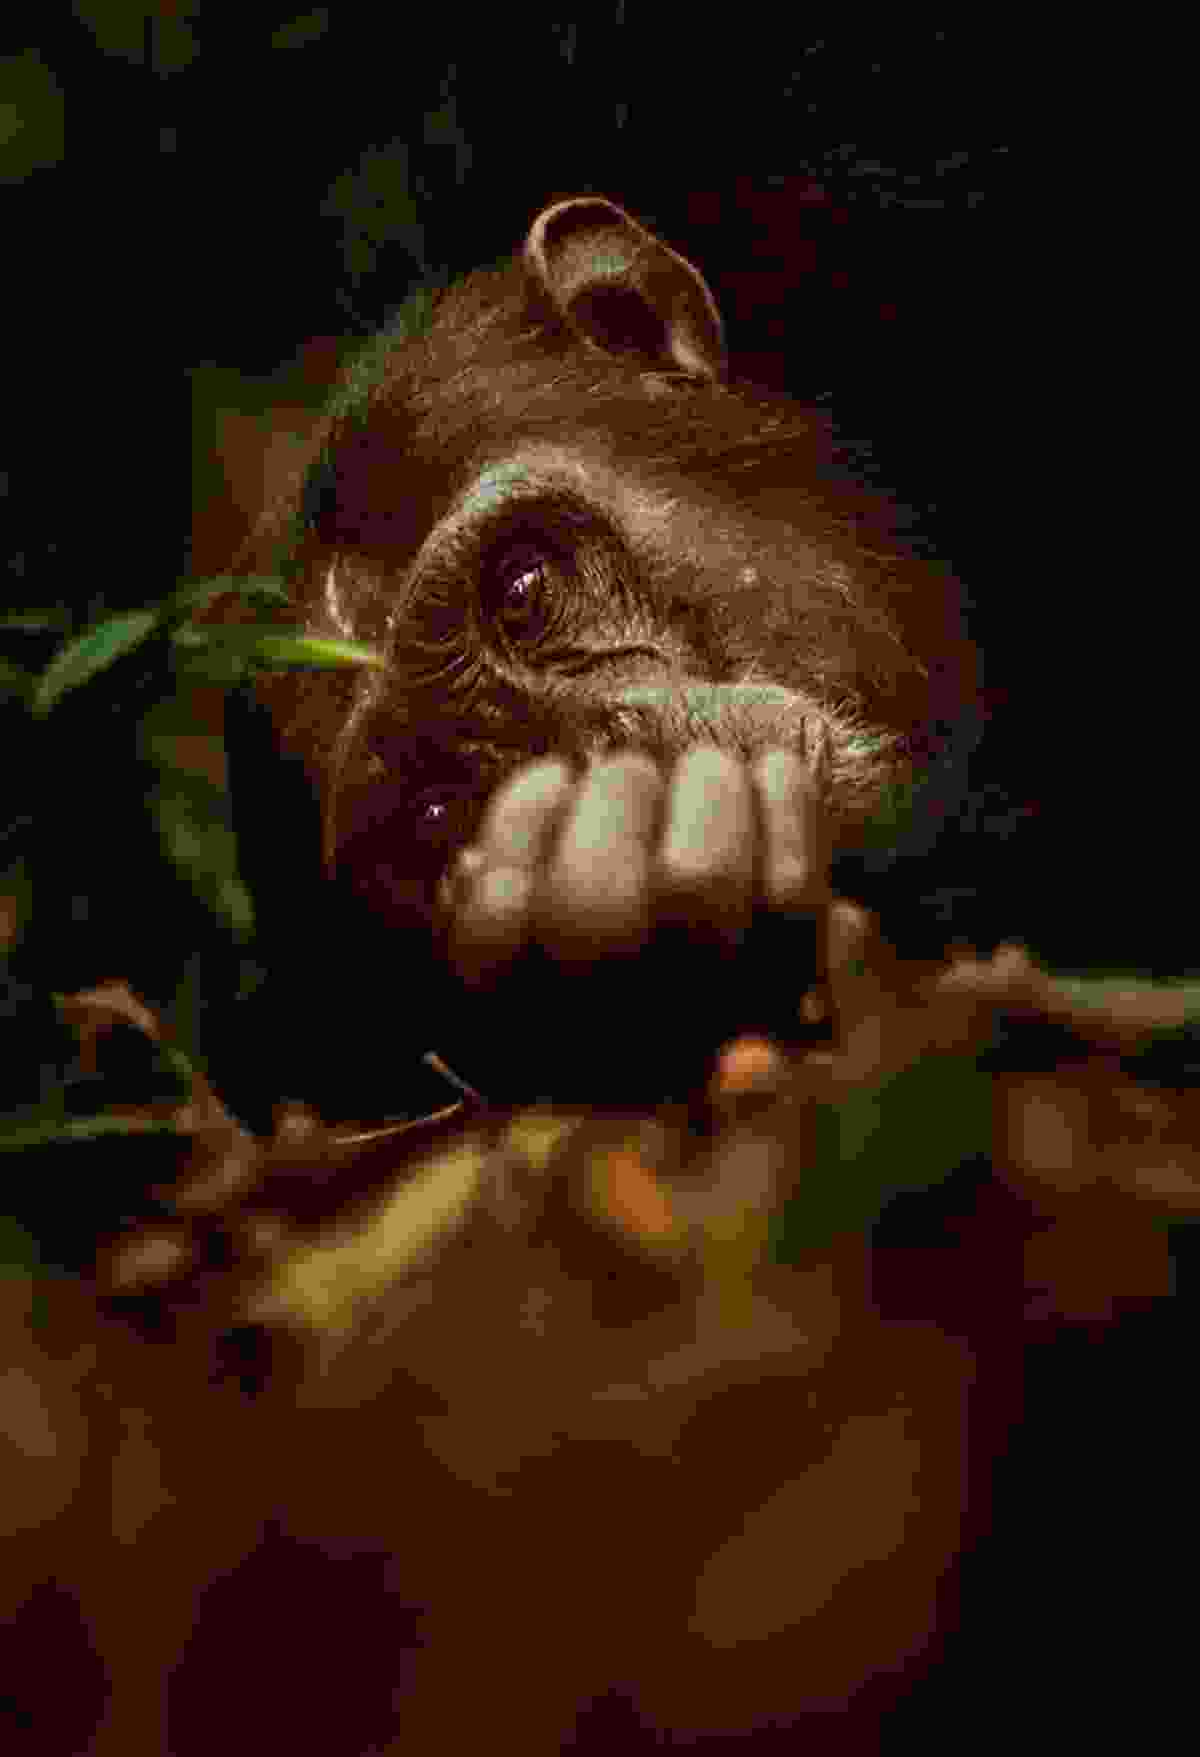 Chimpanzee, Mahale, Tanzania (Greg du Toit)